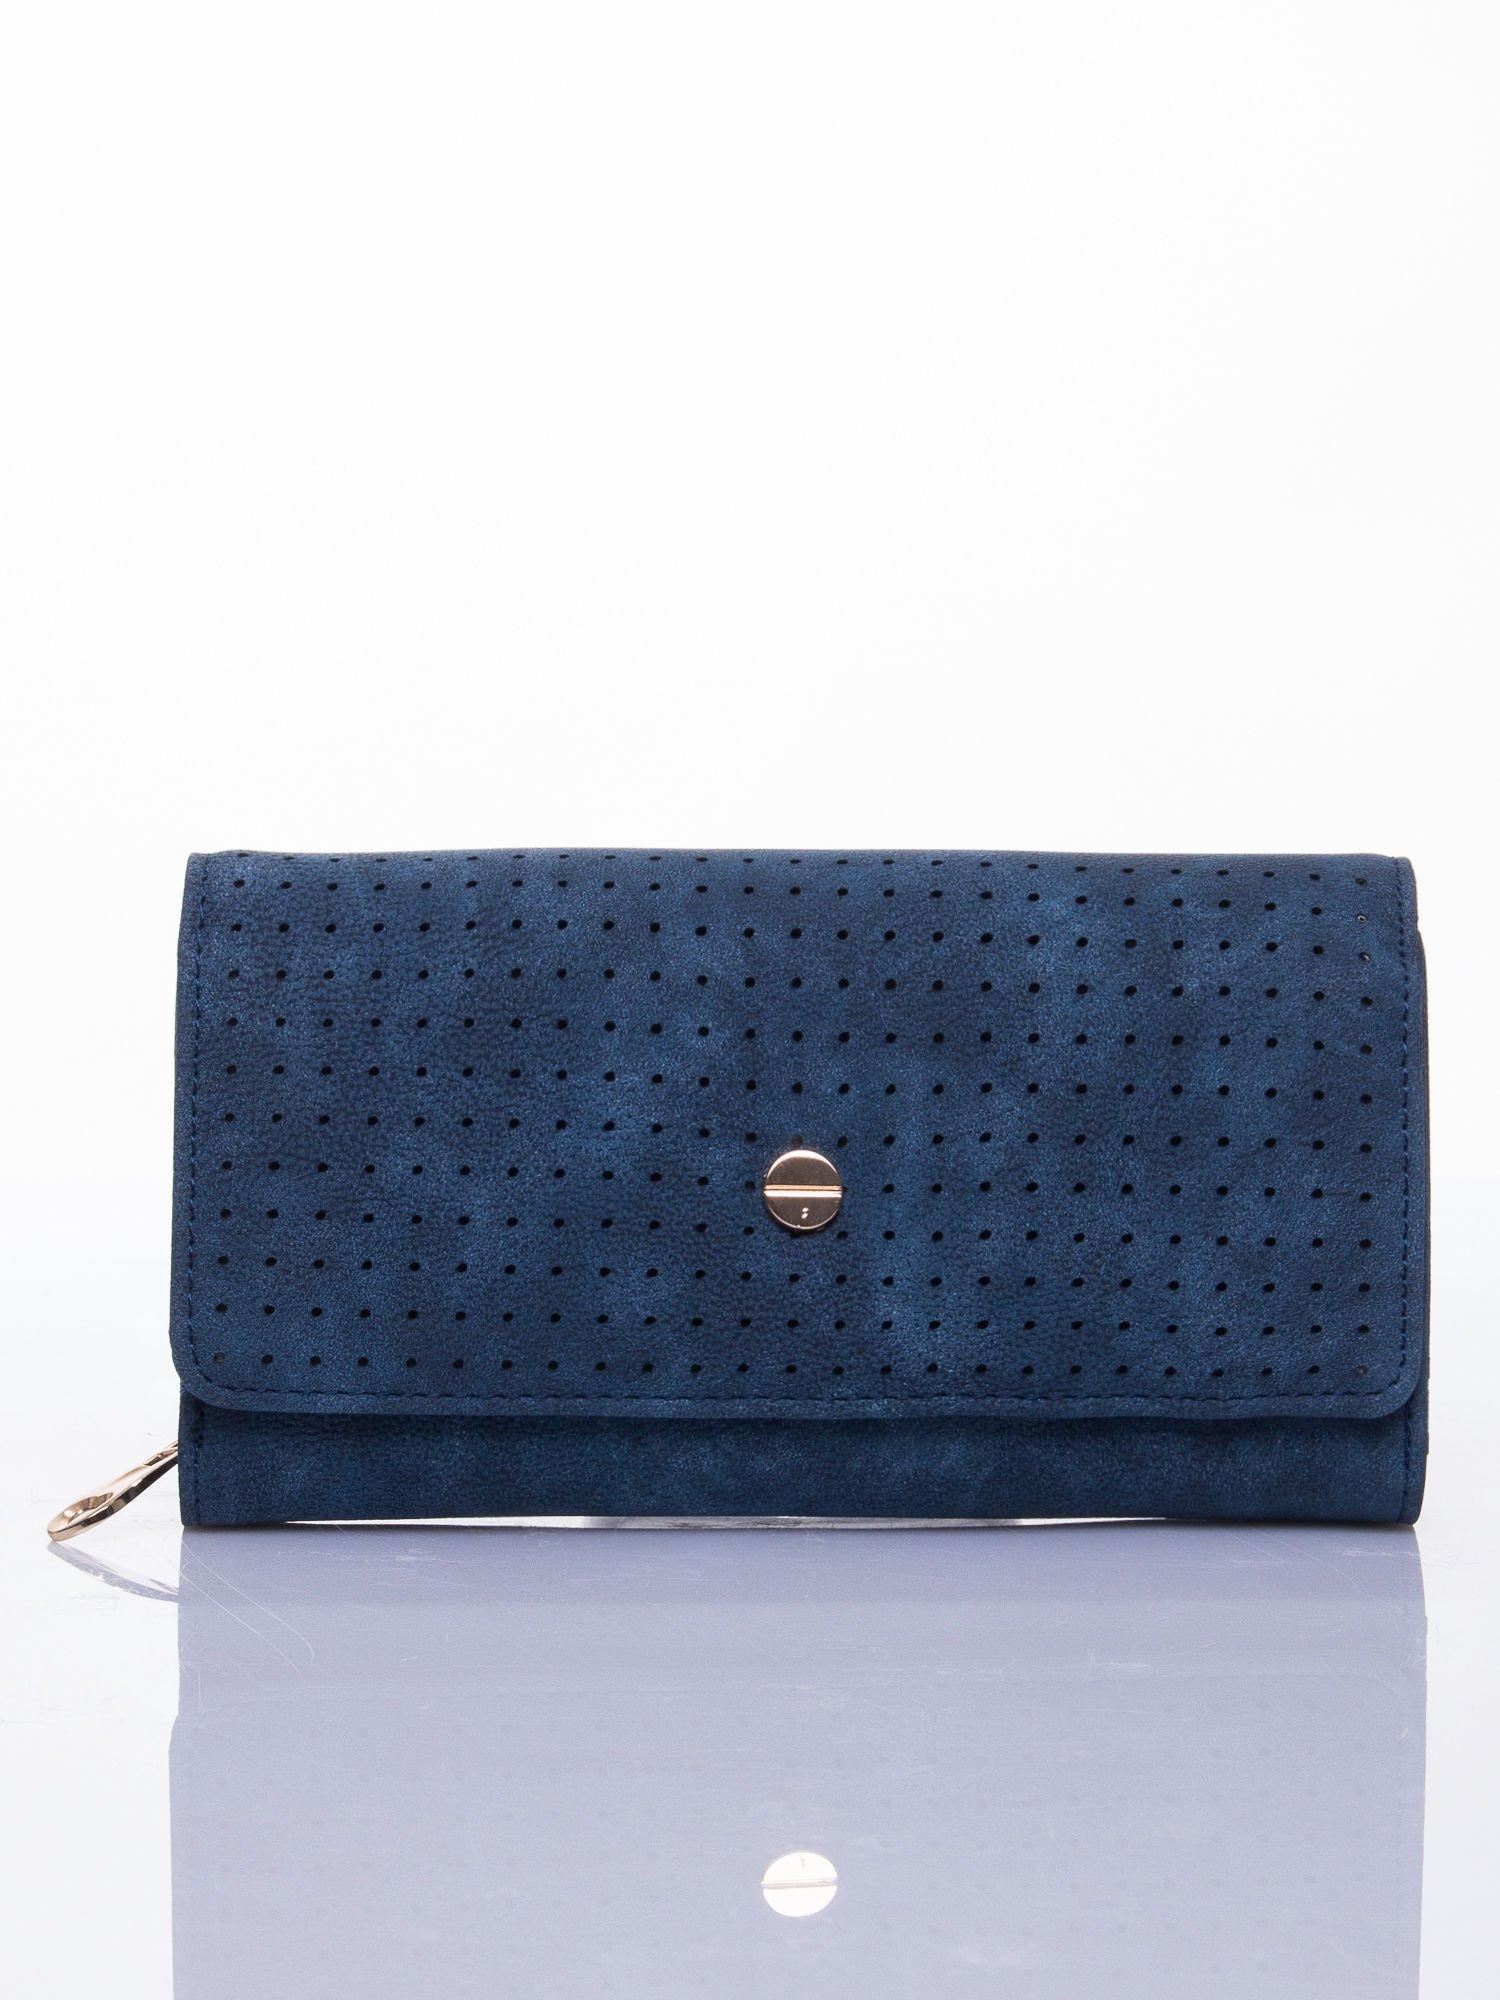 Niebieski ażurowany portfel ze złotym suwakiem                                  zdj.                                  1